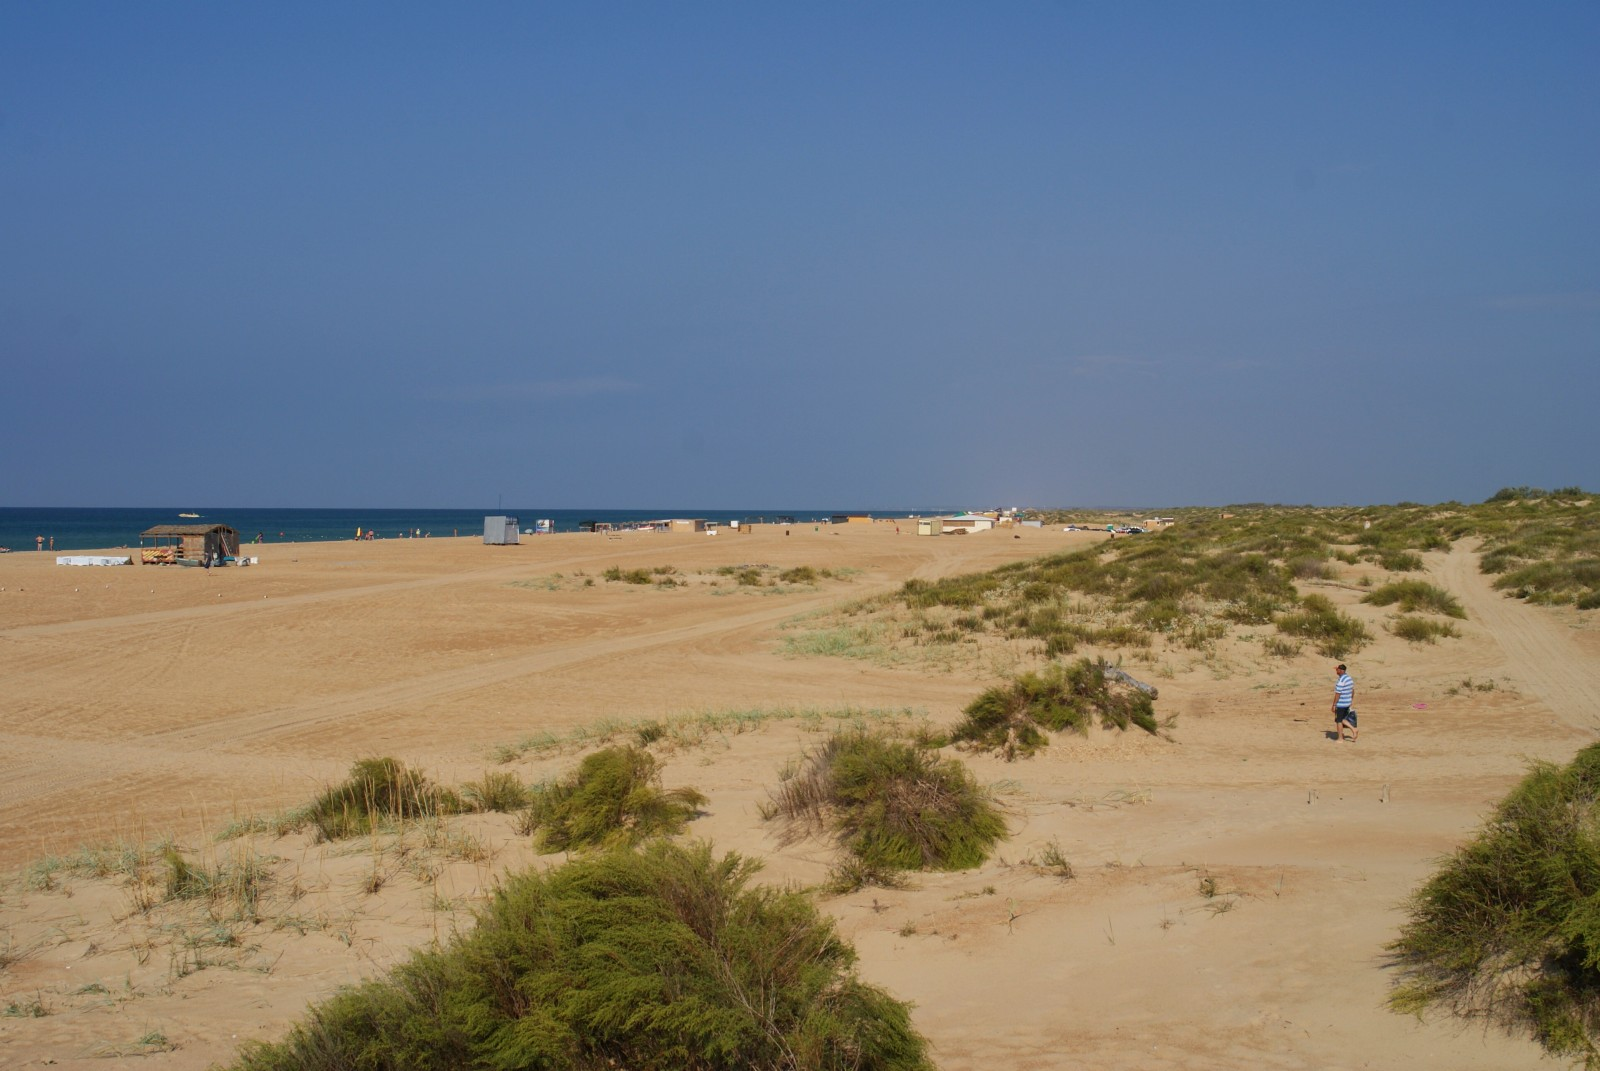 Благовещенская фото поселка и пляжа 2018